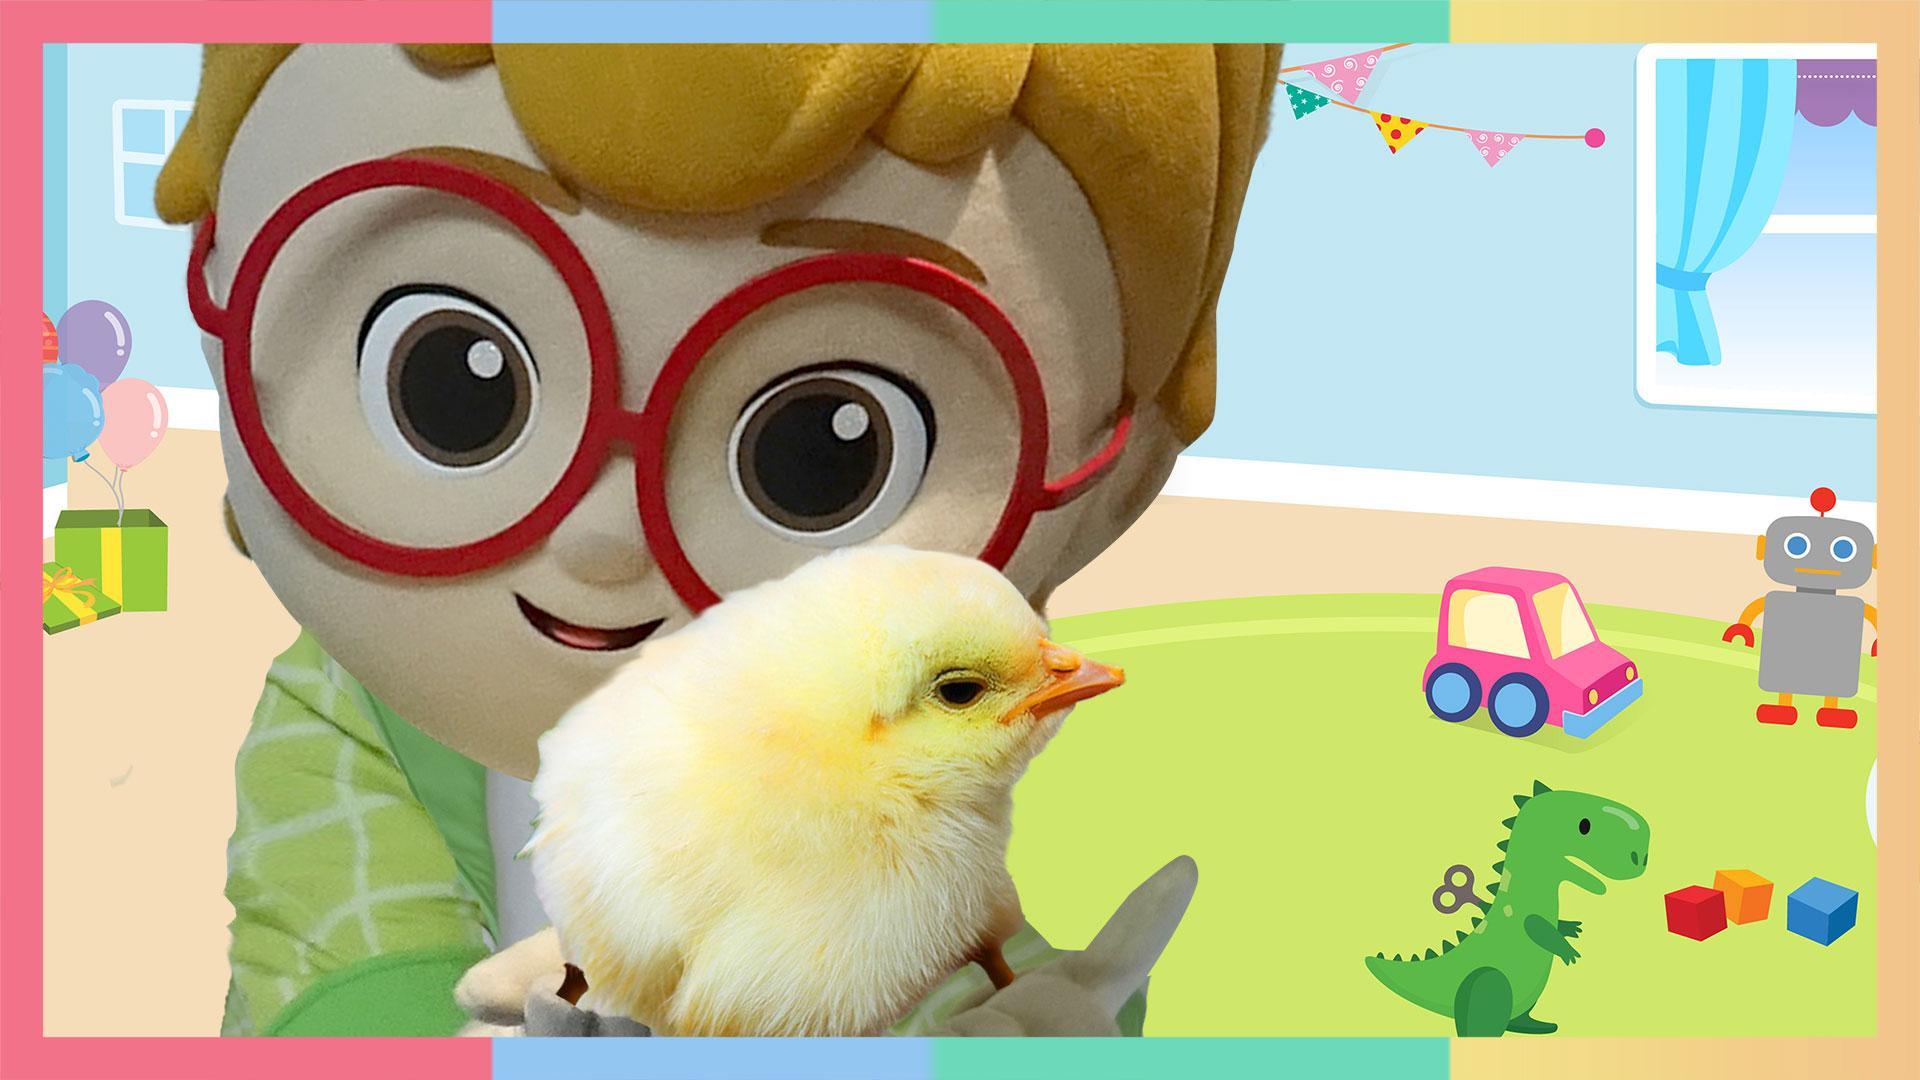 小伊森希望鸡蛋能孵出小鸡。但是他怎么拿来了一盒鹌鹑蛋呢?| 凯利和玩具朋友们 CarrieAndToys